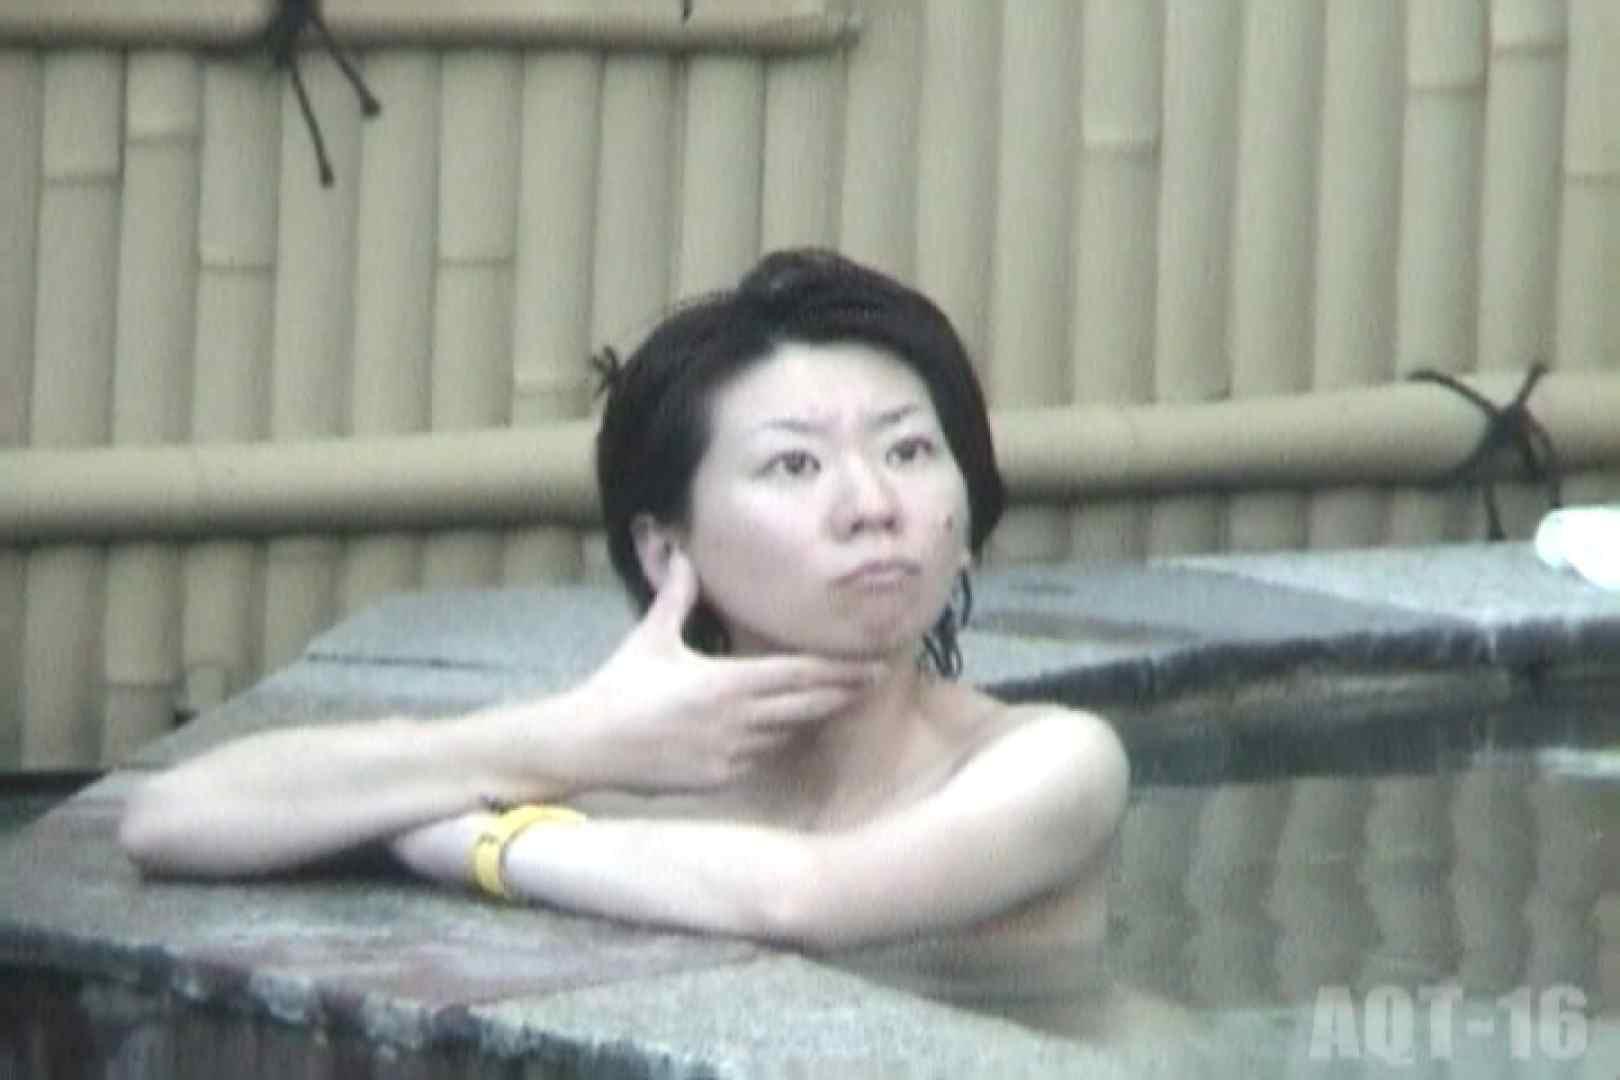 Aquaな露天風呂Vol.842 盗撮   OLすけべ画像  44連発 43